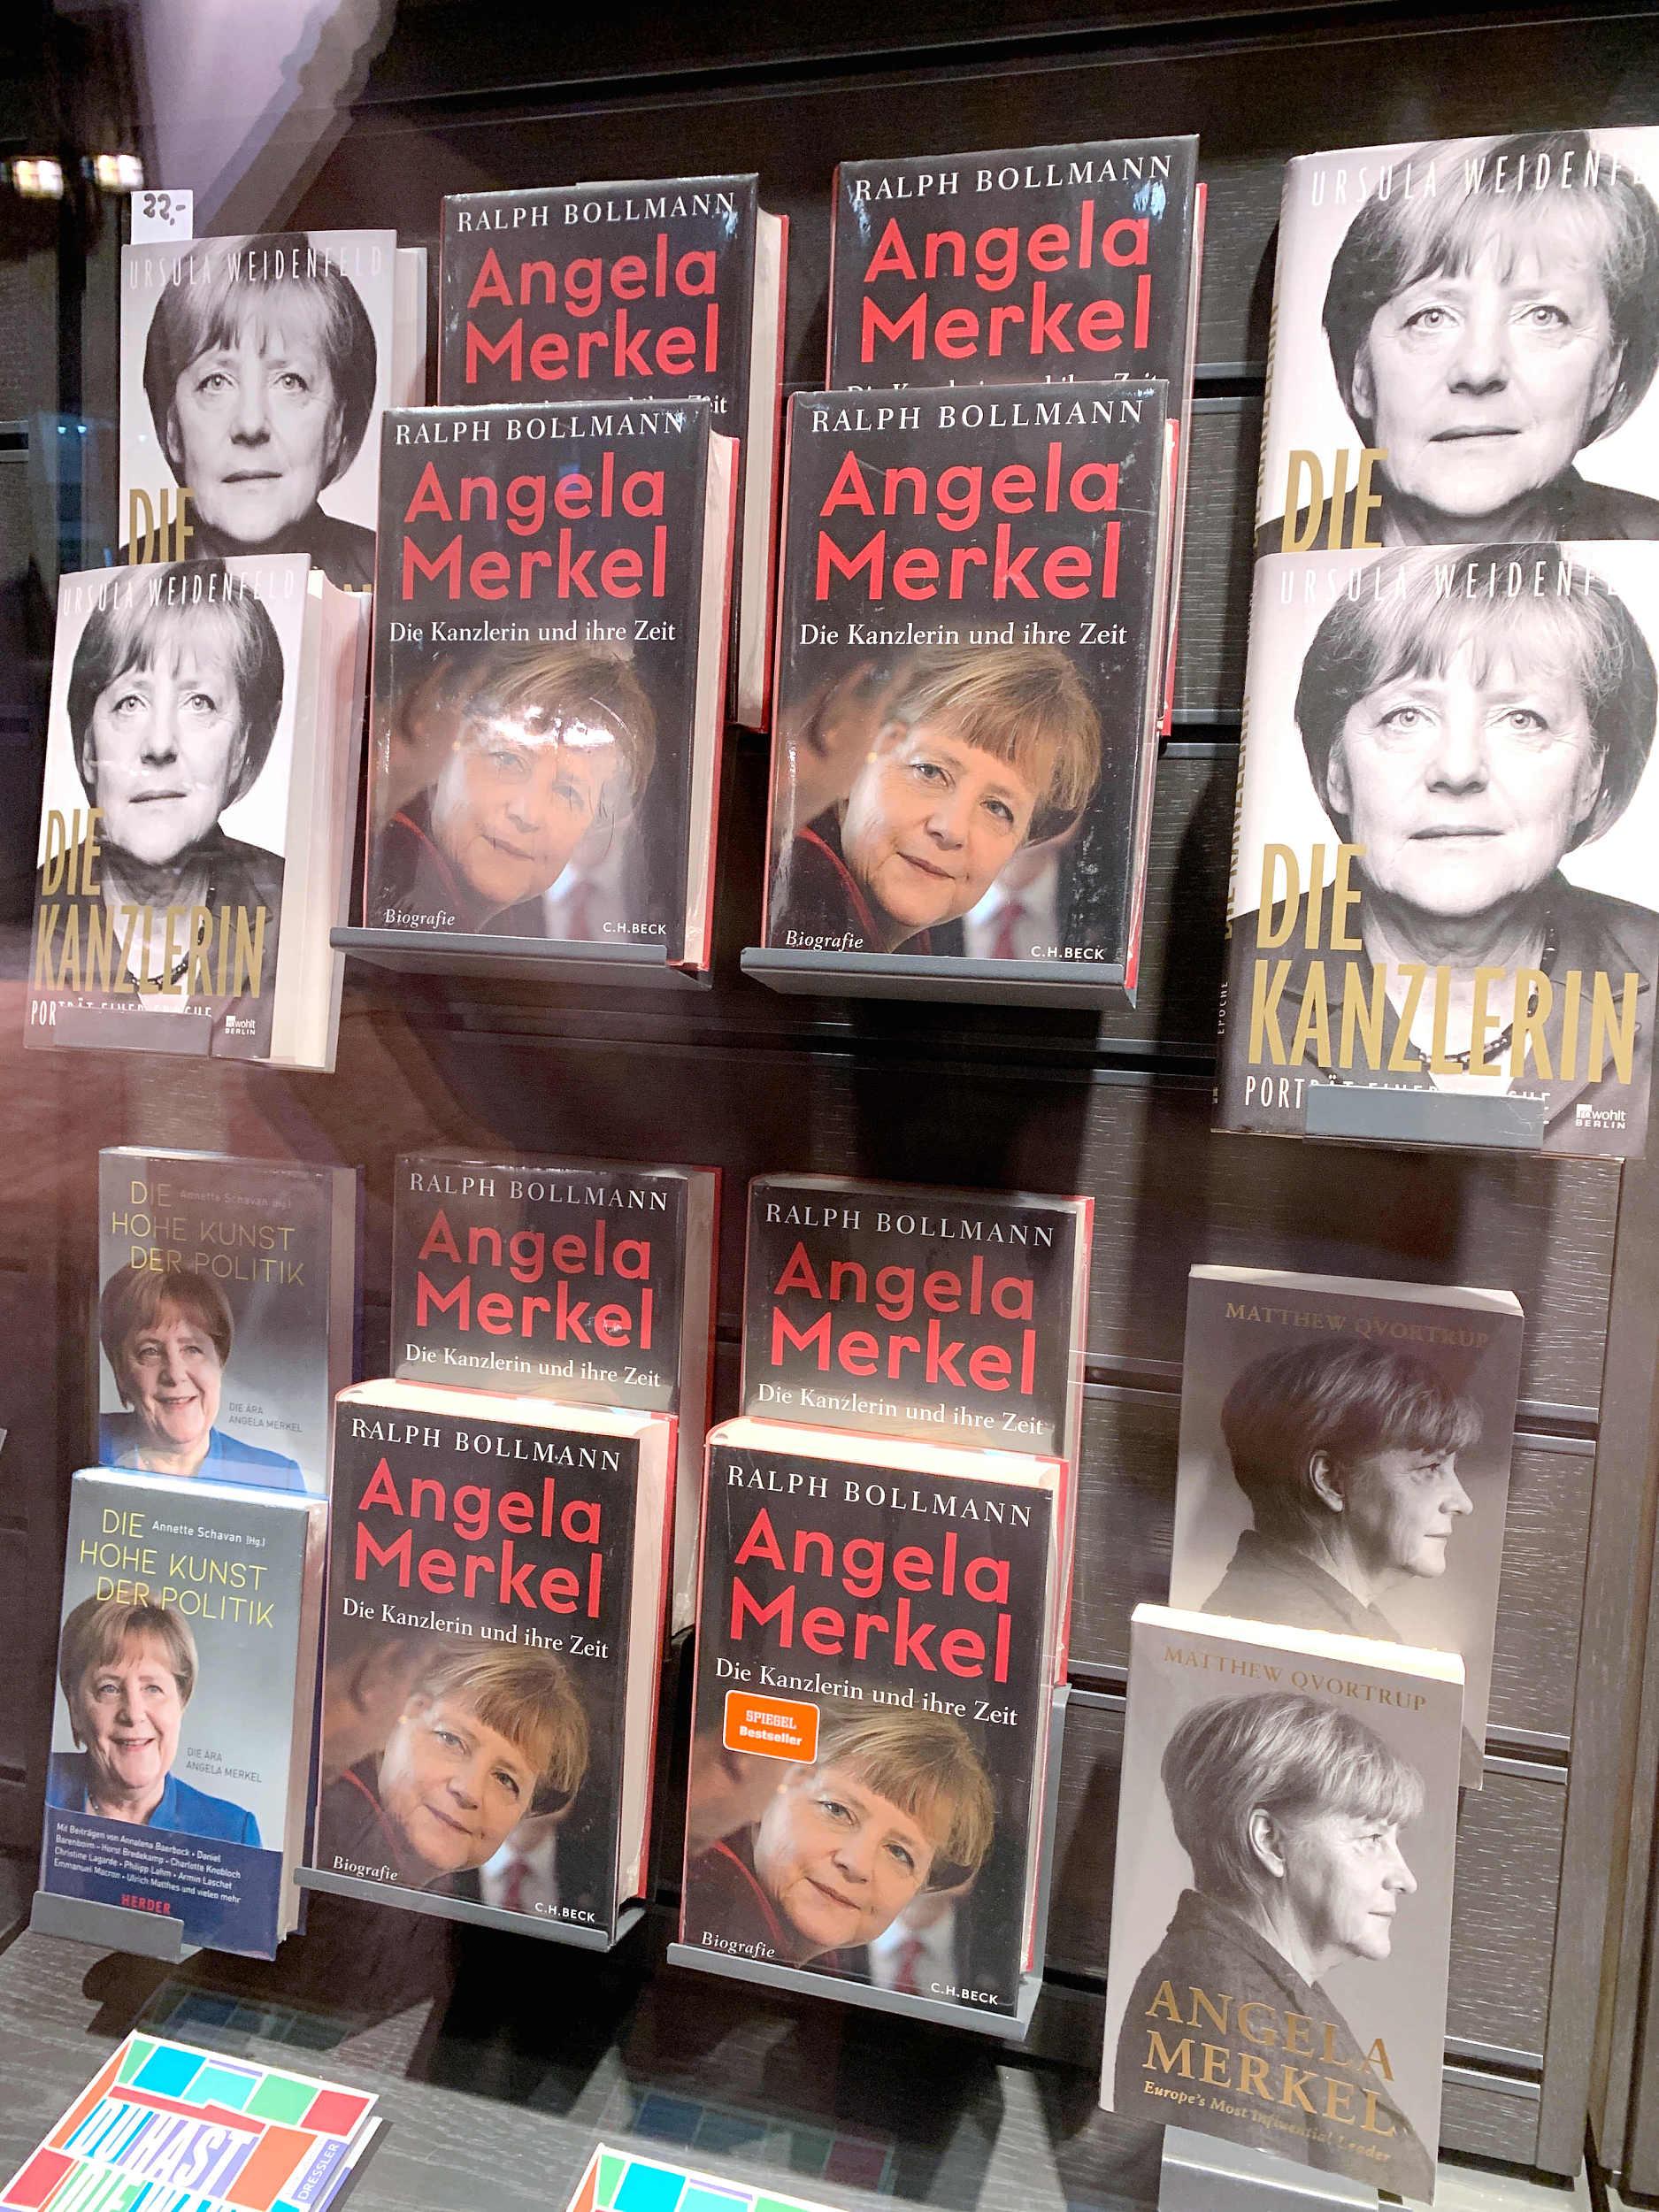 9月25日,德国柏林,杜斯曼购书中心临街橱窗展示的多种默克尔传记。@视觉中国